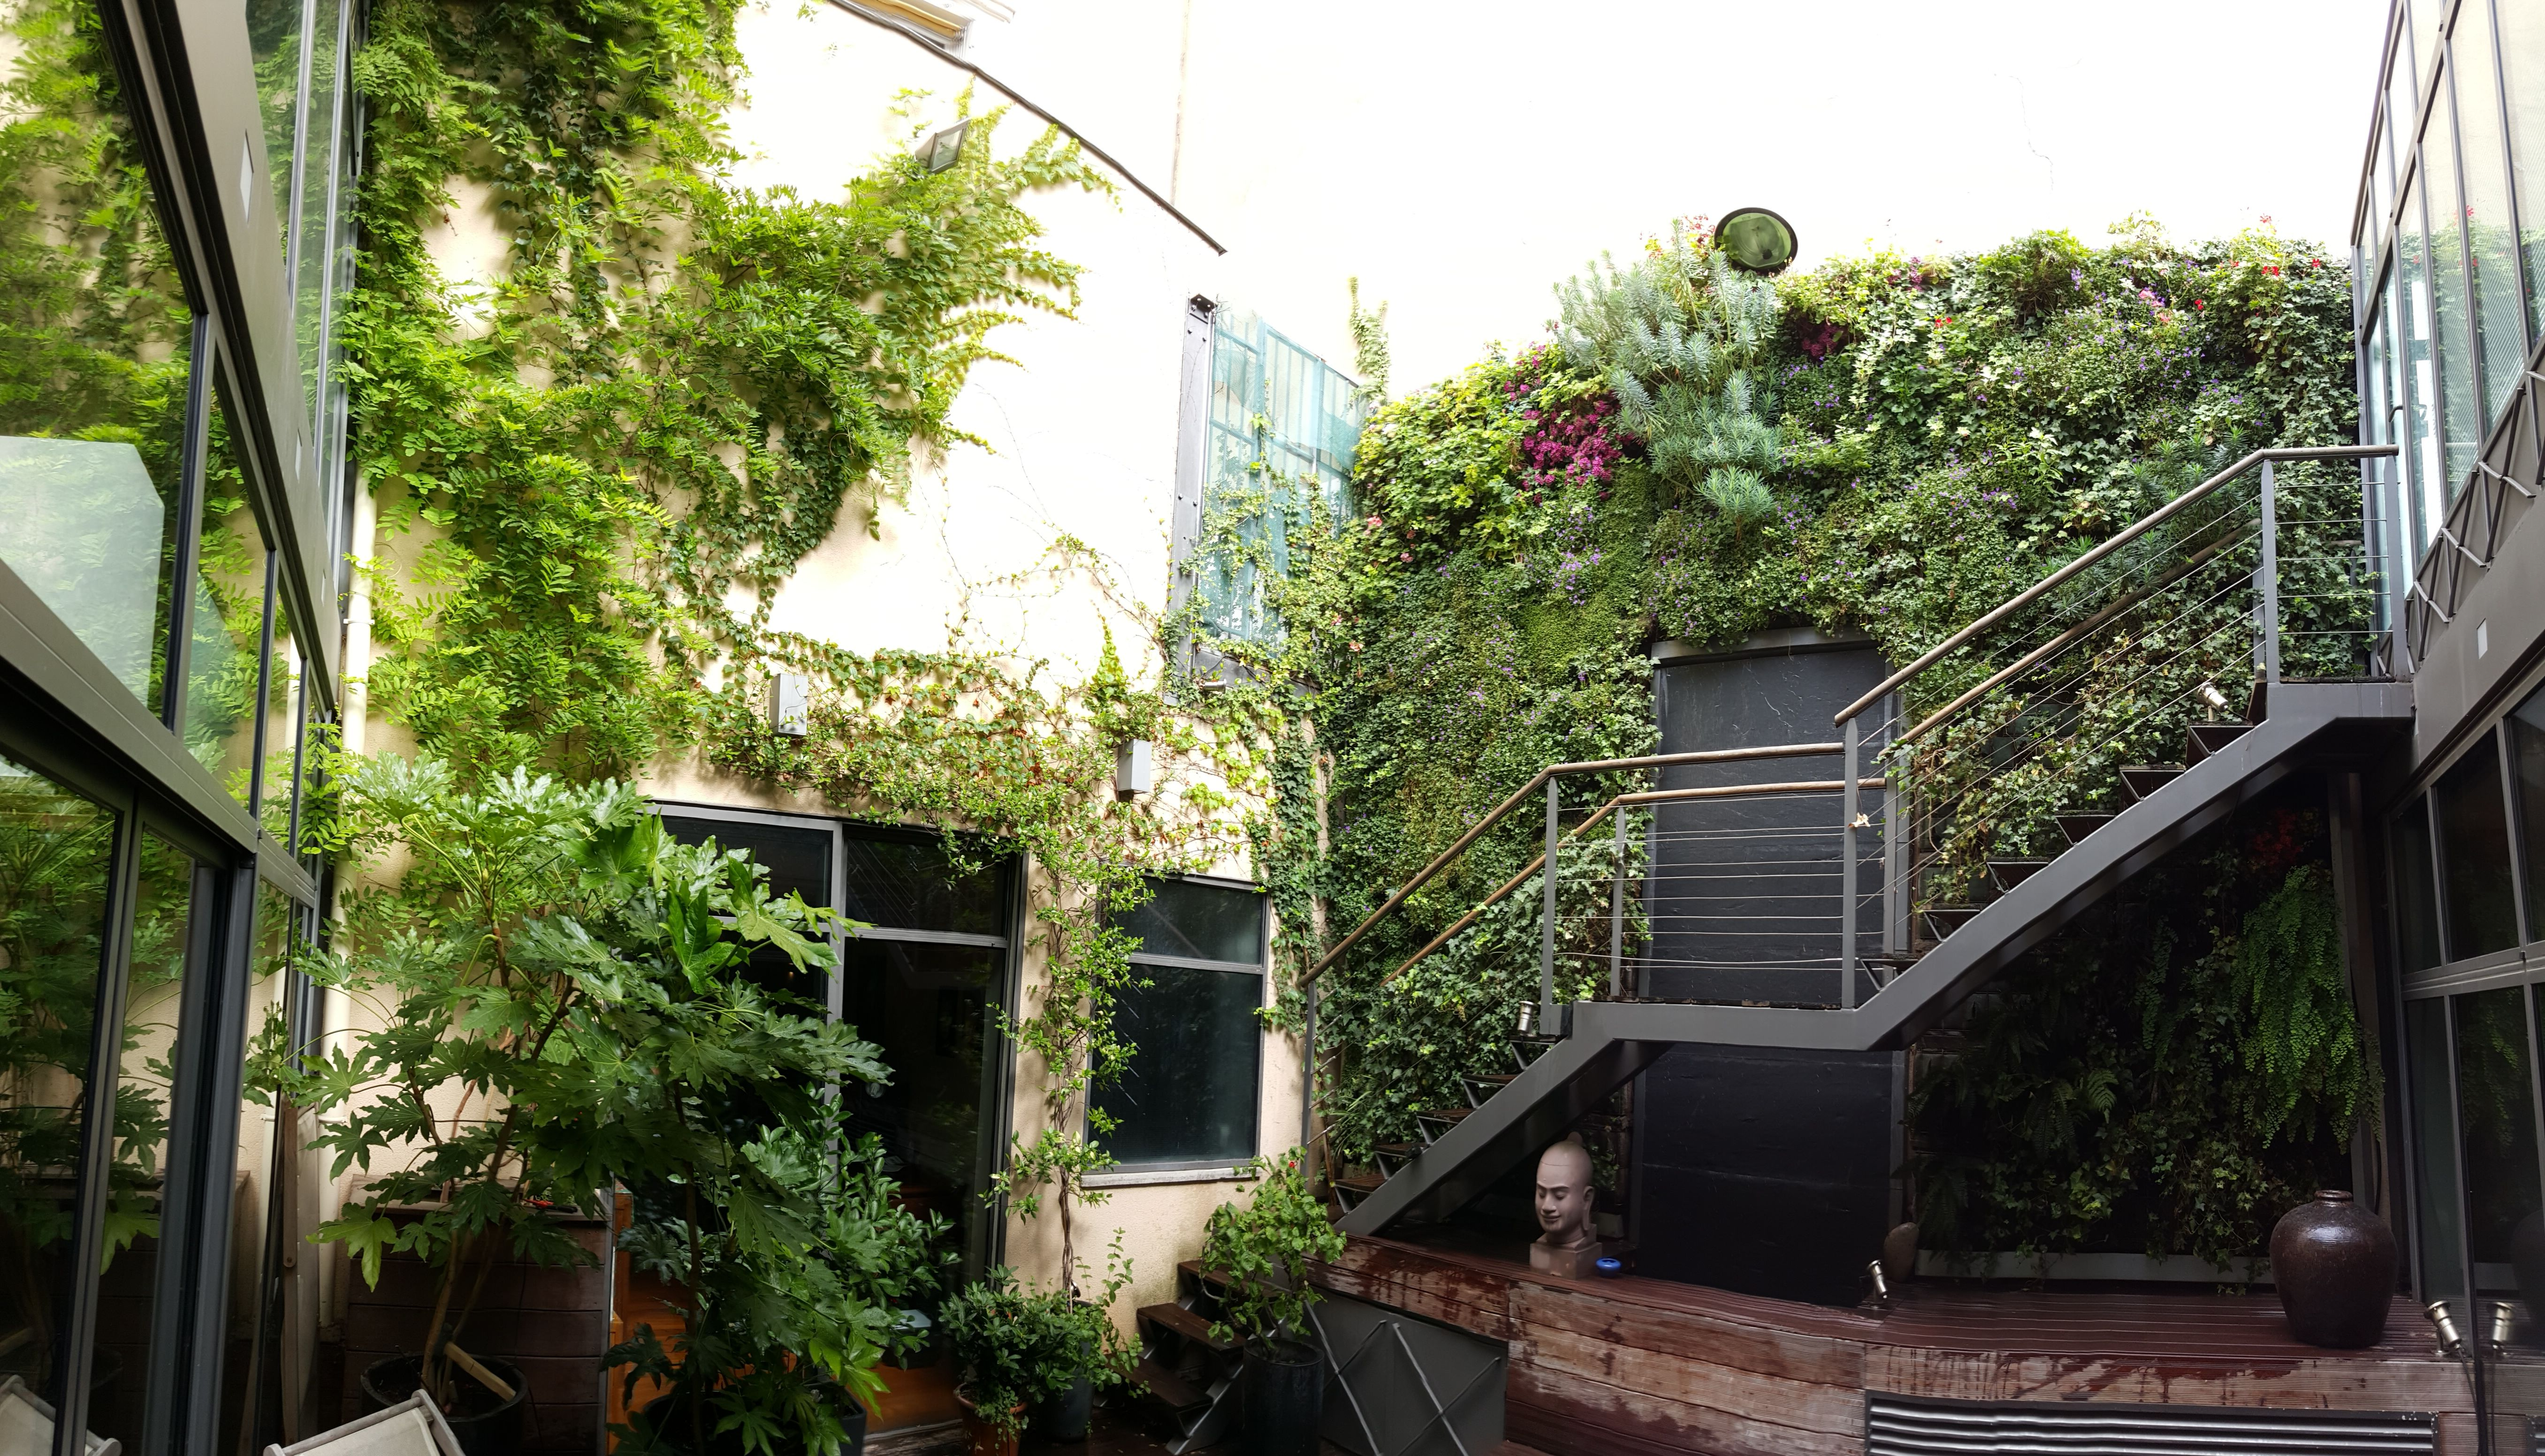 #murvegetal #5ans après #Création et #Réalisation #RootsPaysages #paysagiste #Yvelines #Châteaufort #Greenwall #UNEP #Plantes #Euphorbe #Campanules #Lamedeau #eau #patio #jardin